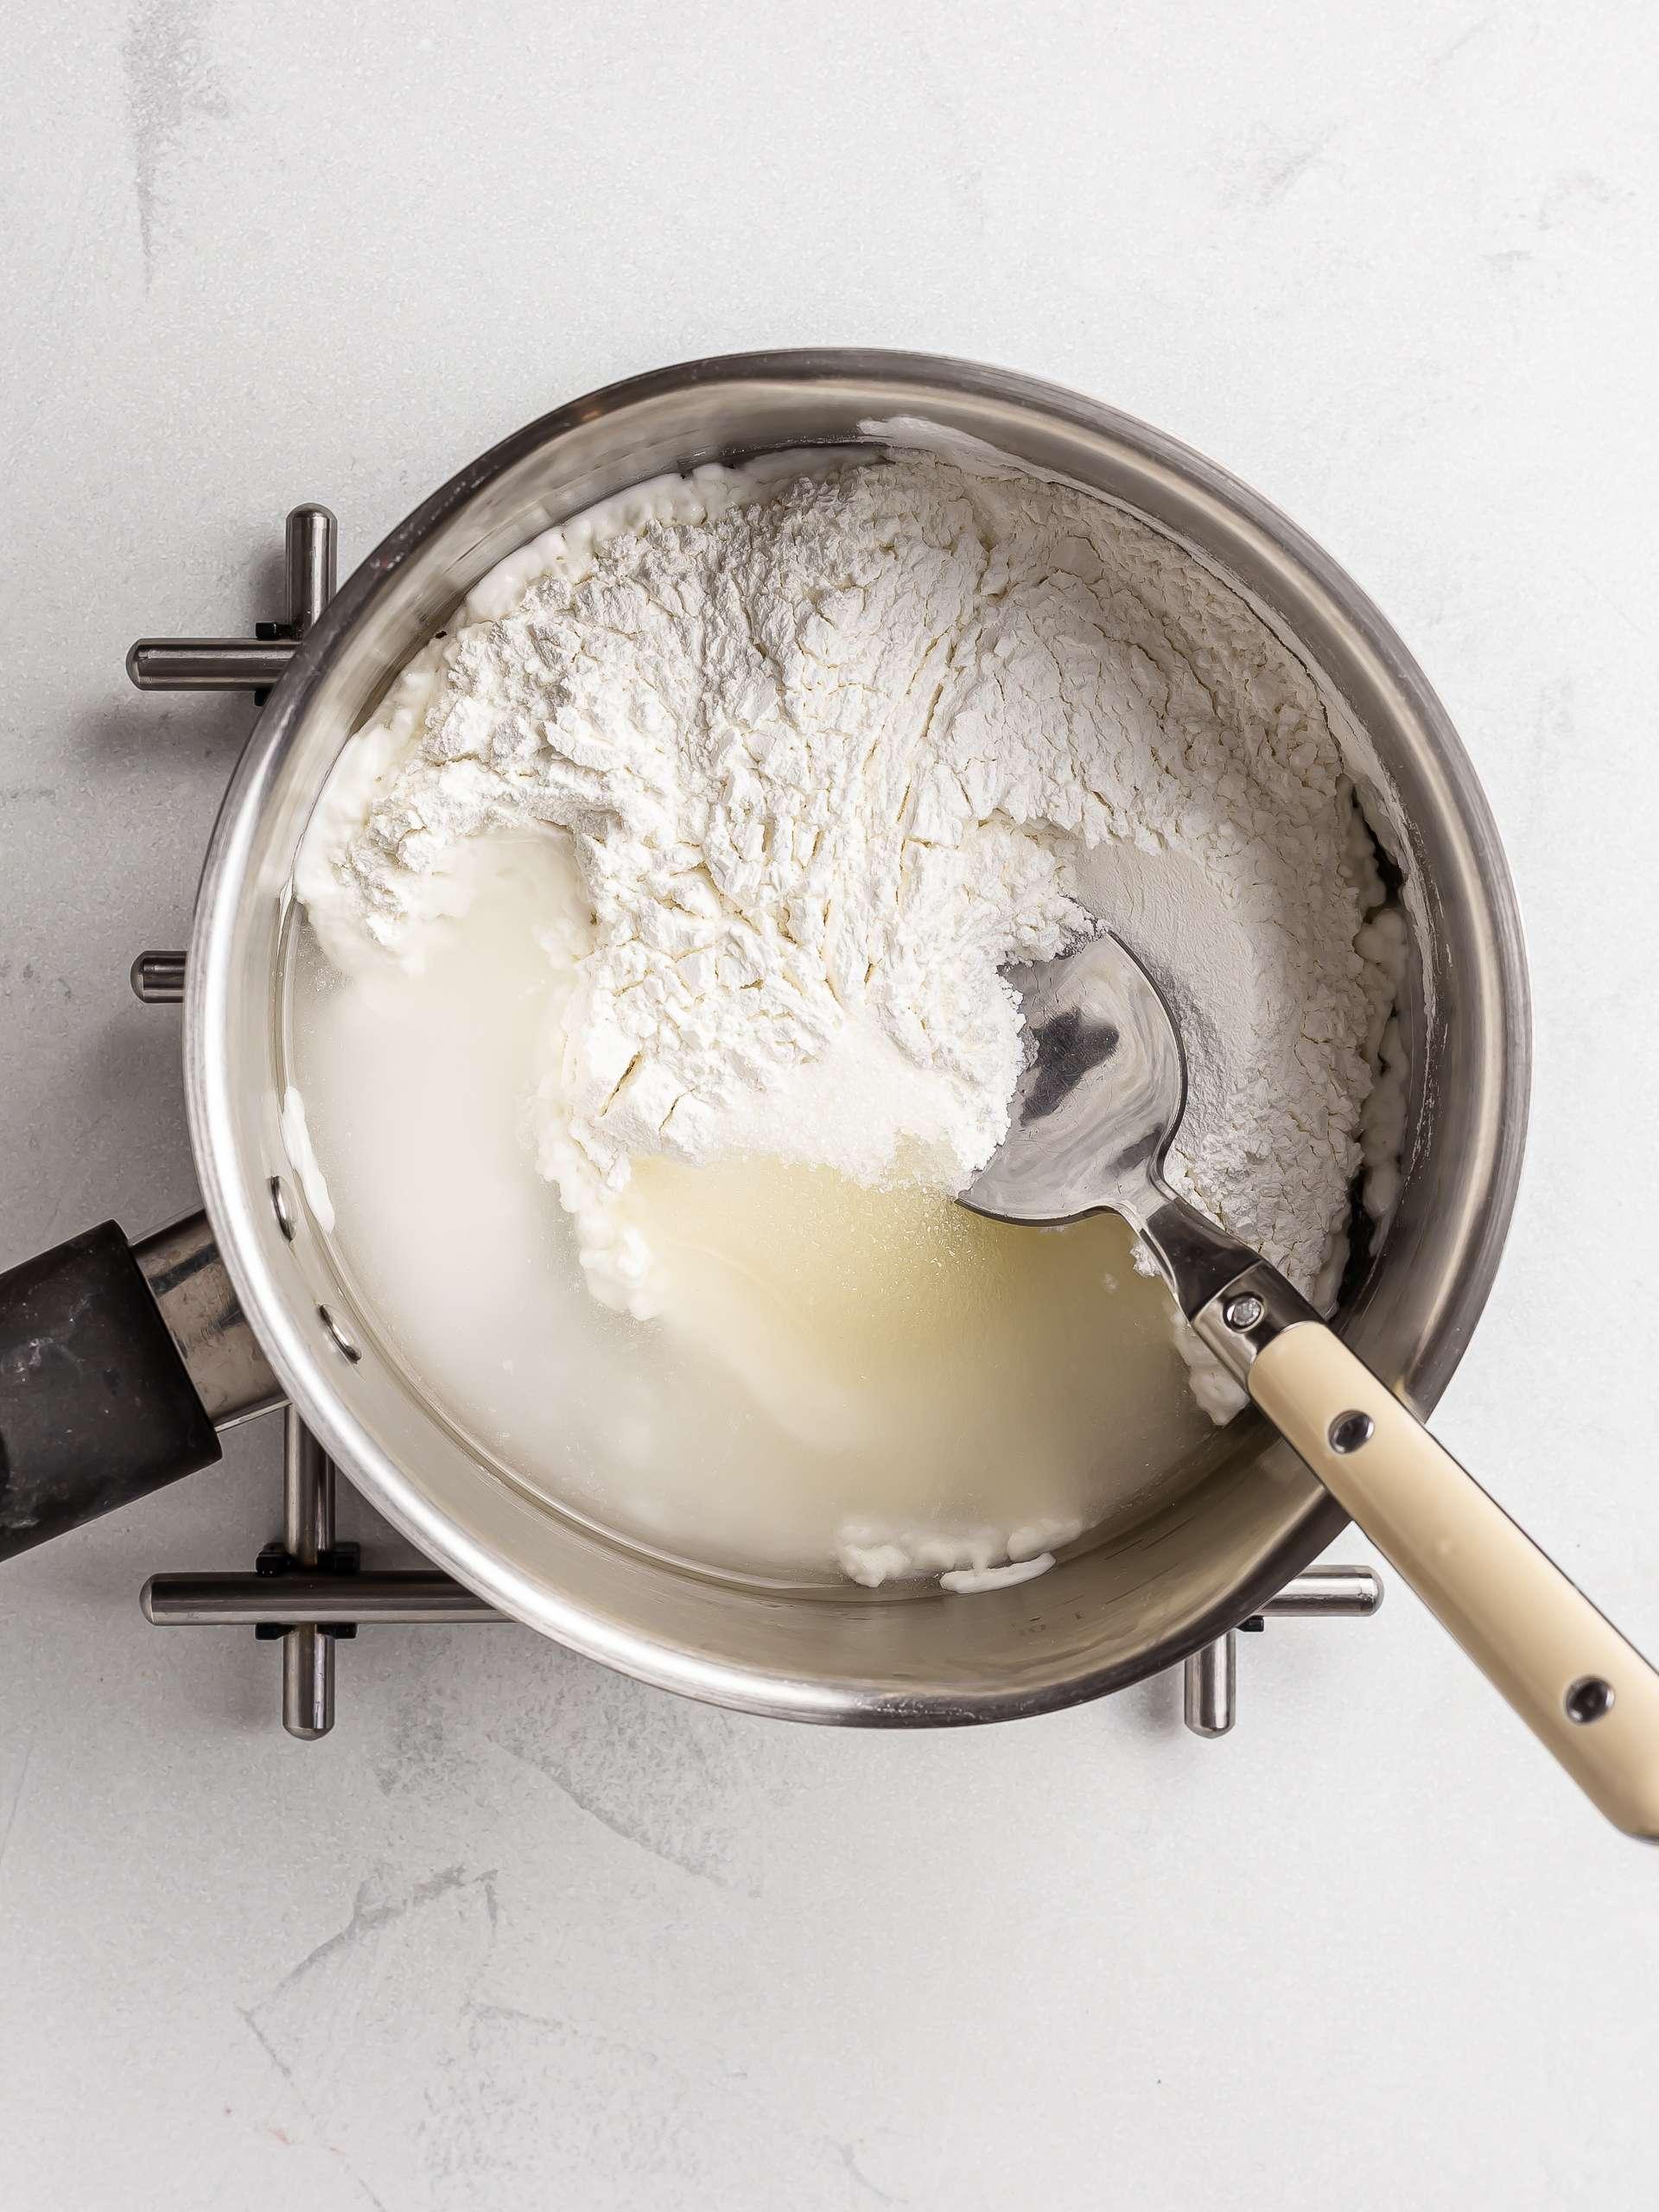 mochi ingredients in a pot